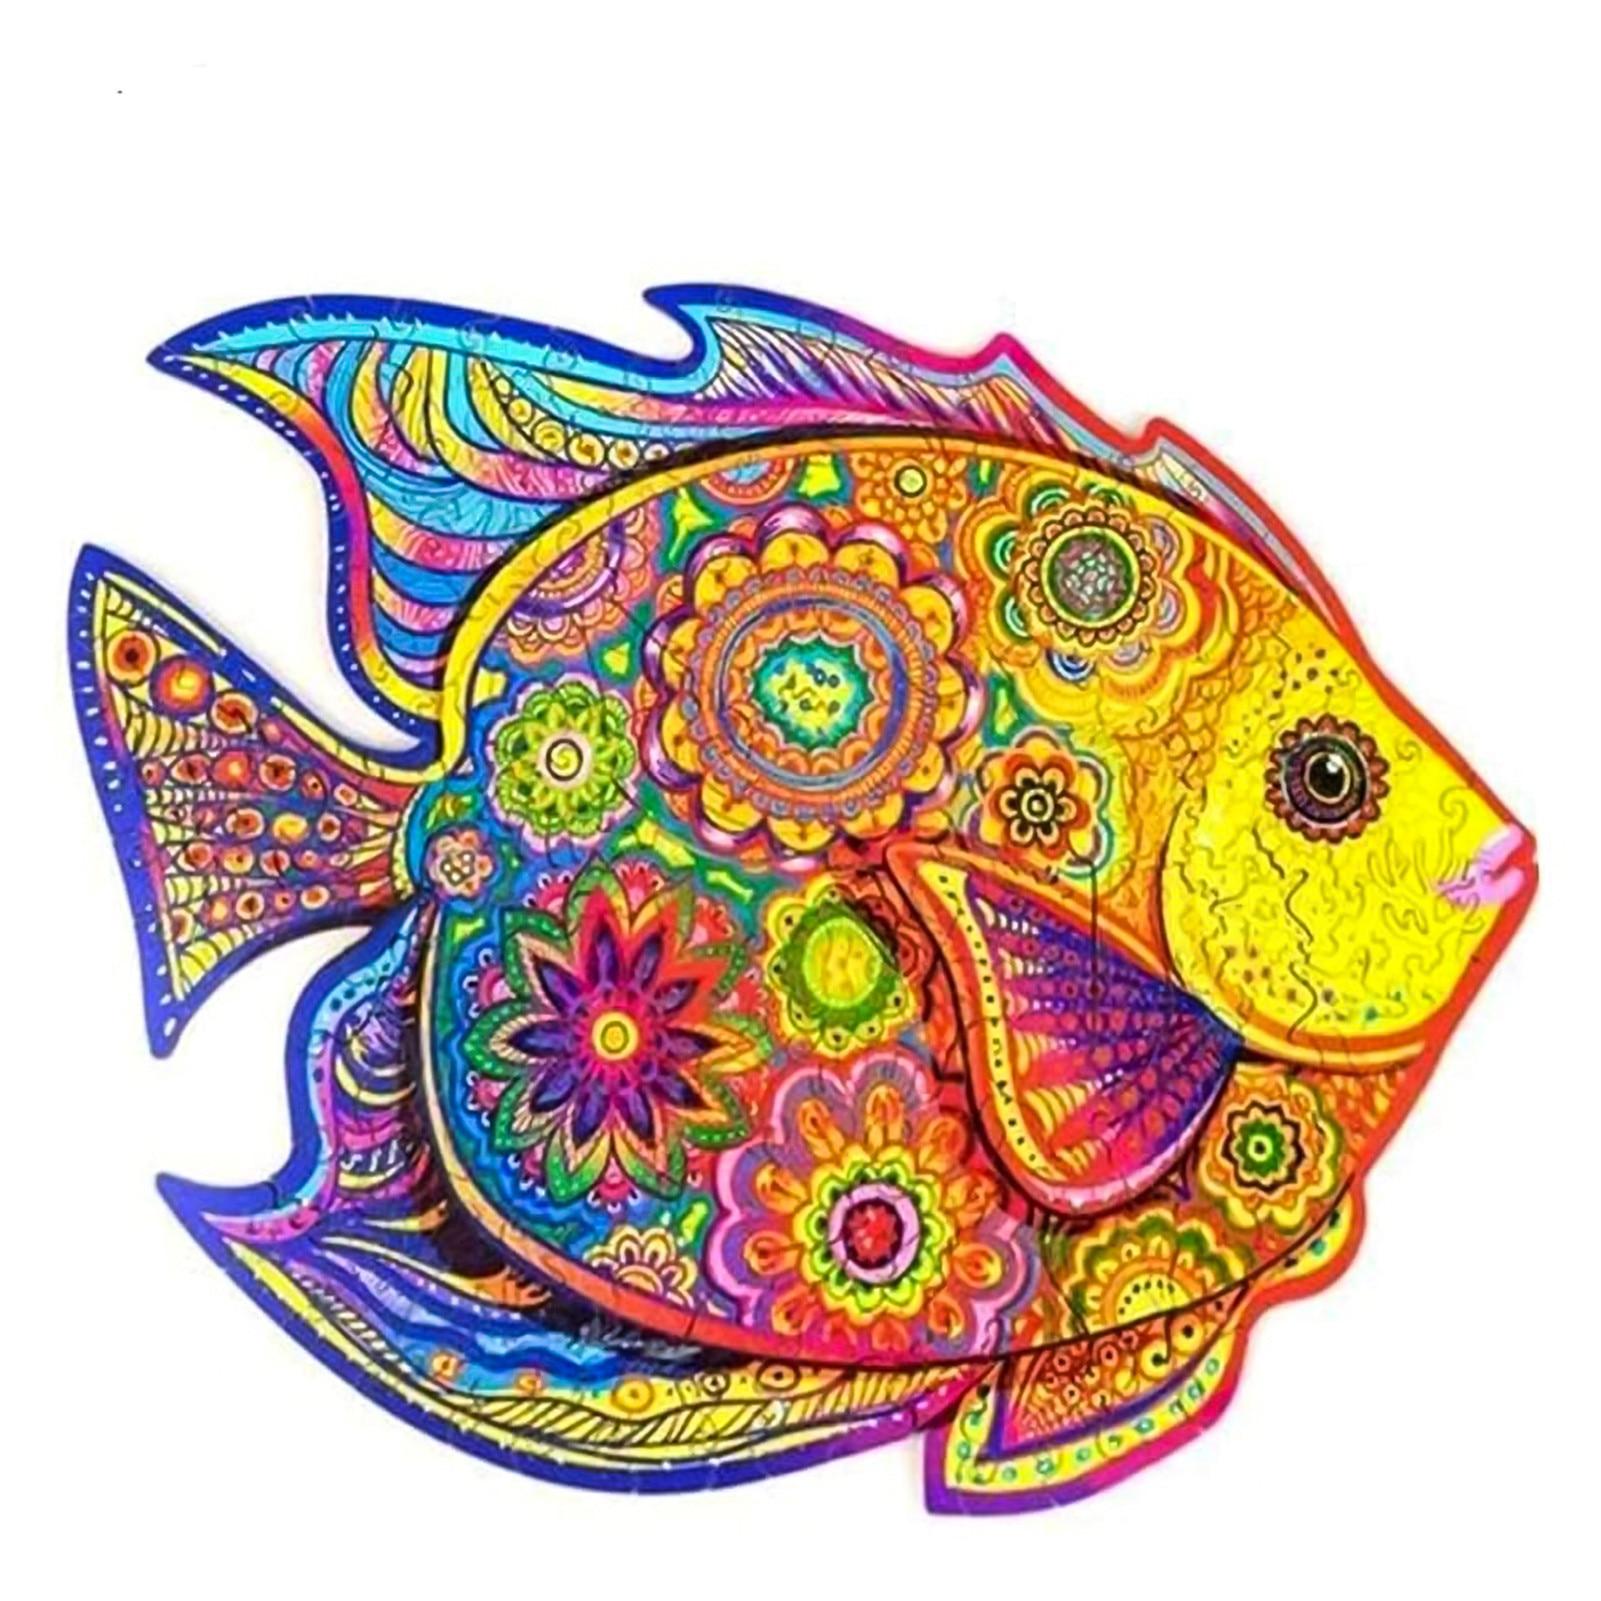 Benzersiz ahşap hayvan bulmaca gizem balık 3D bulmaca hediye ev dekorasyon interaktif oyun oyuncaklar yetişkin çocuklar için eğitim